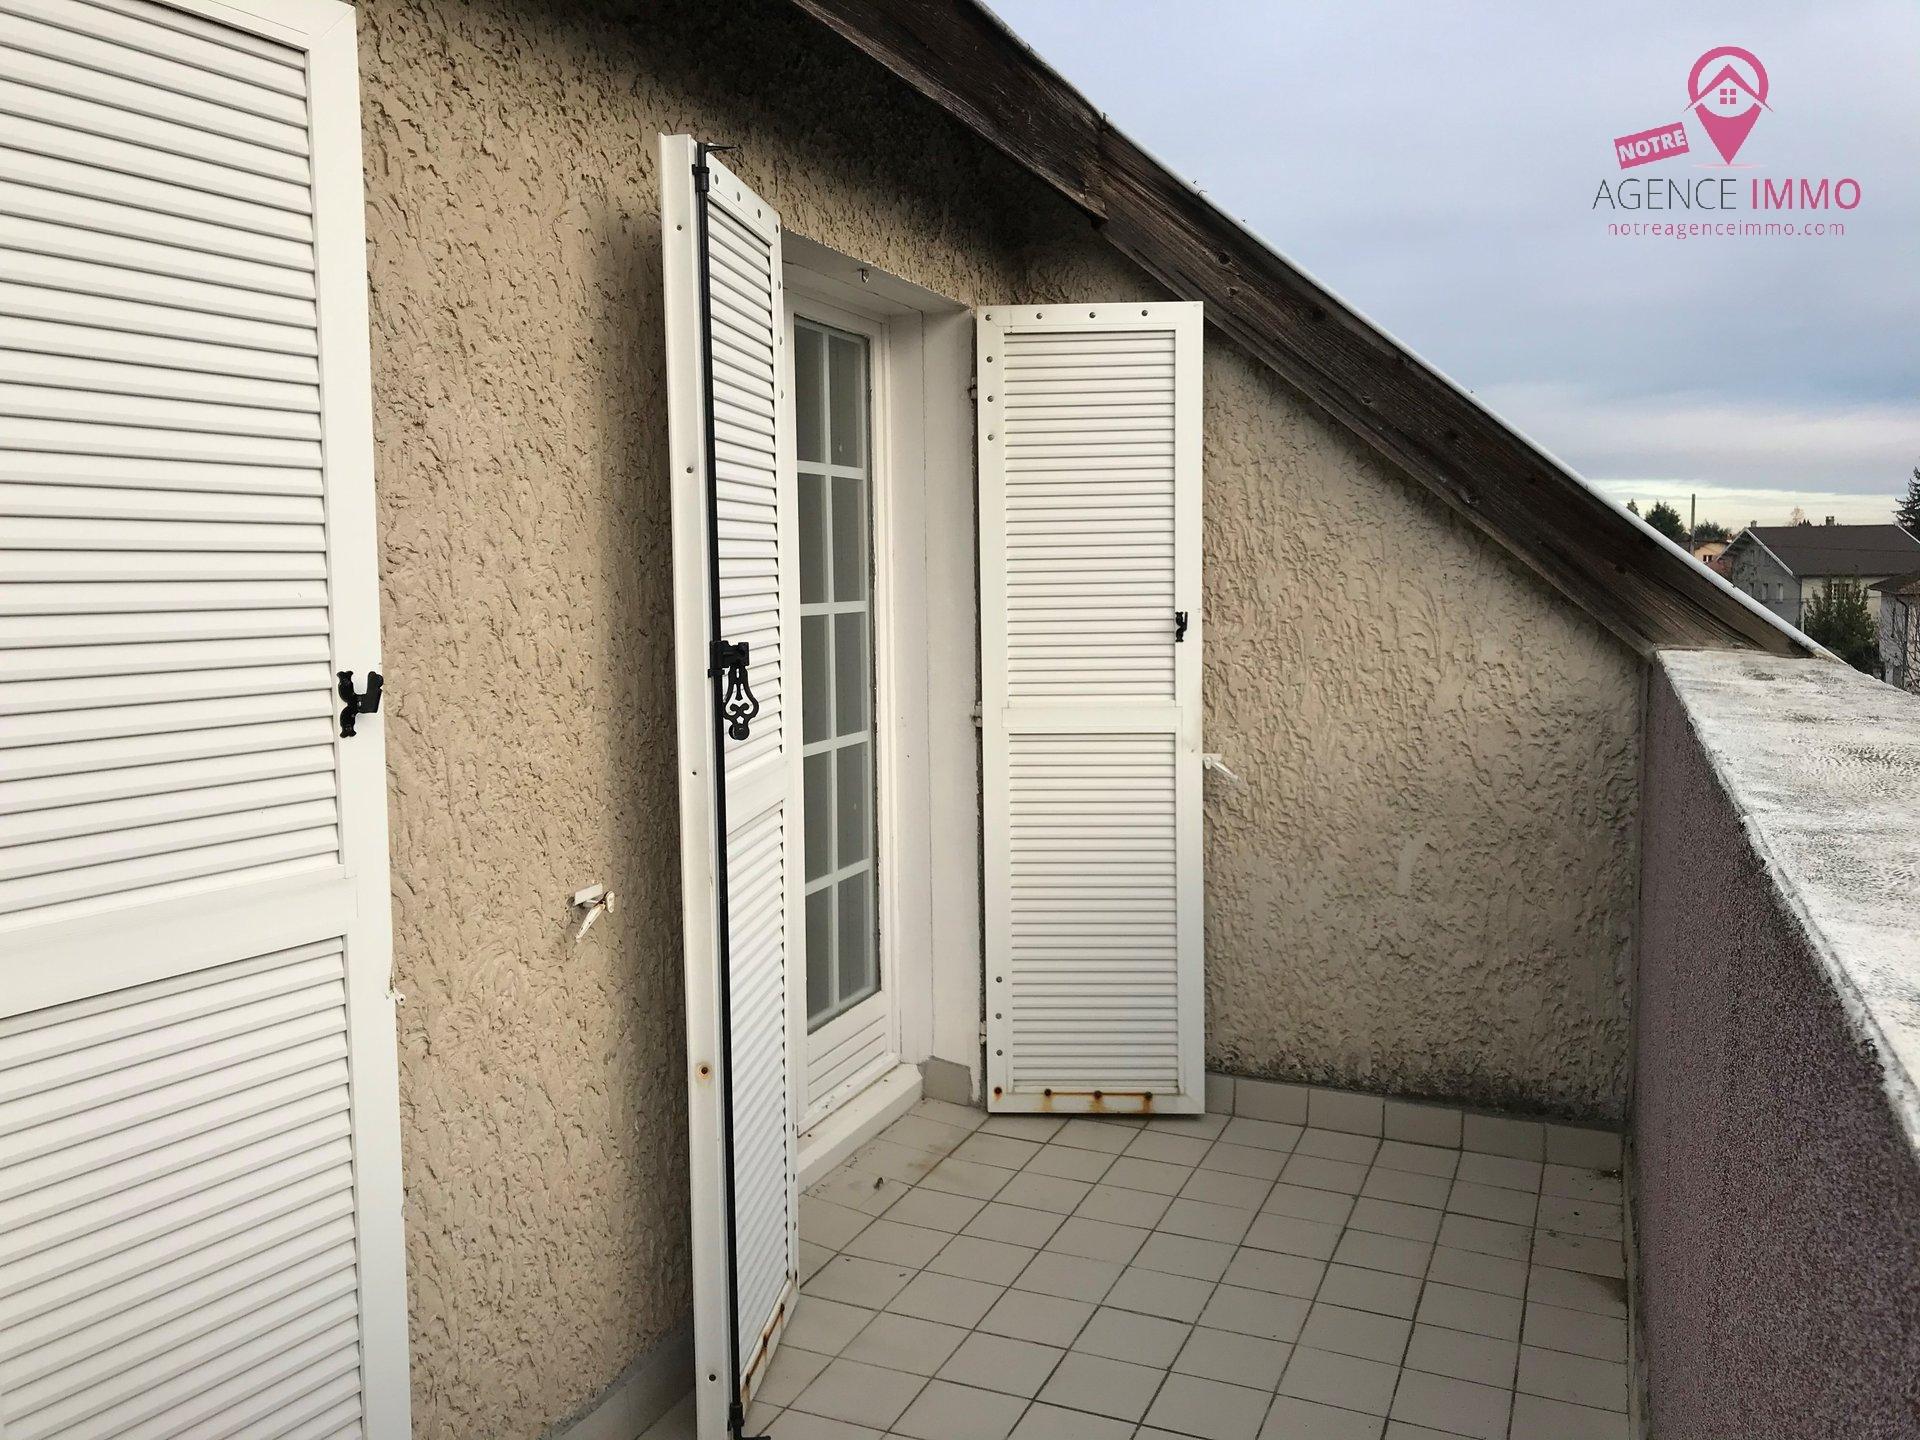 Maison individuelle SAINT-GENIS-LAVAL